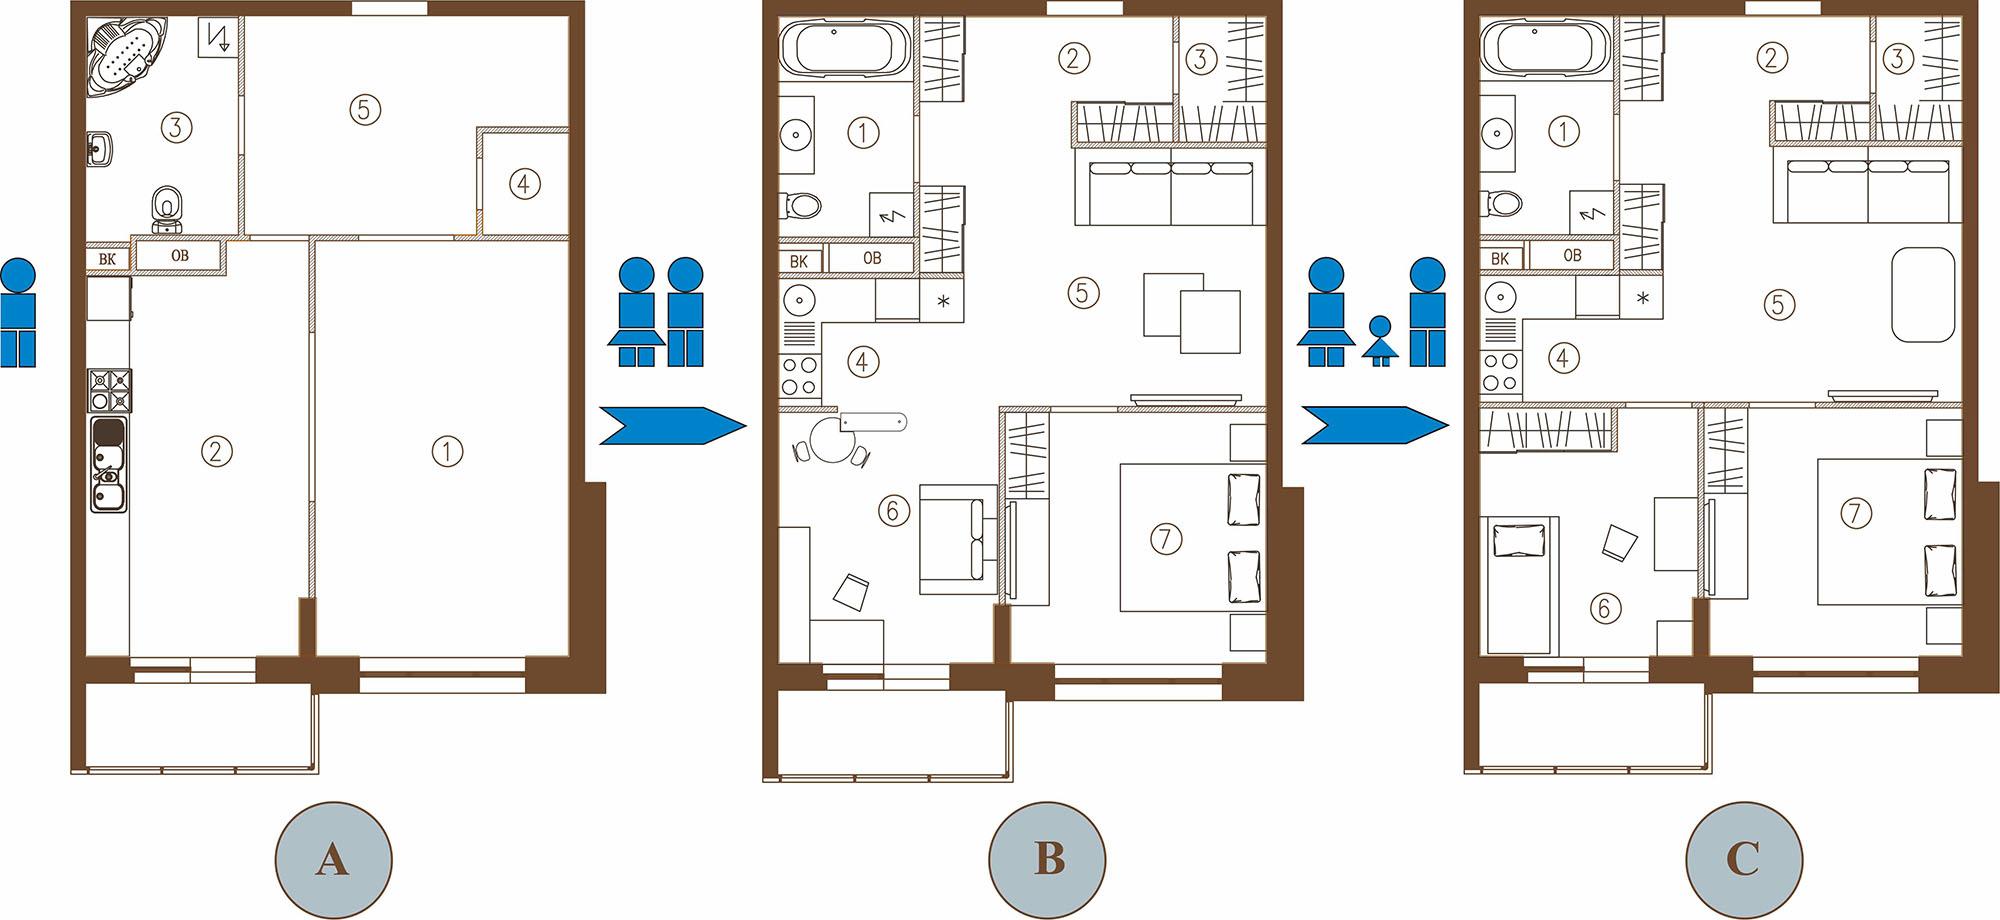 Примеры перепланировки квартиры